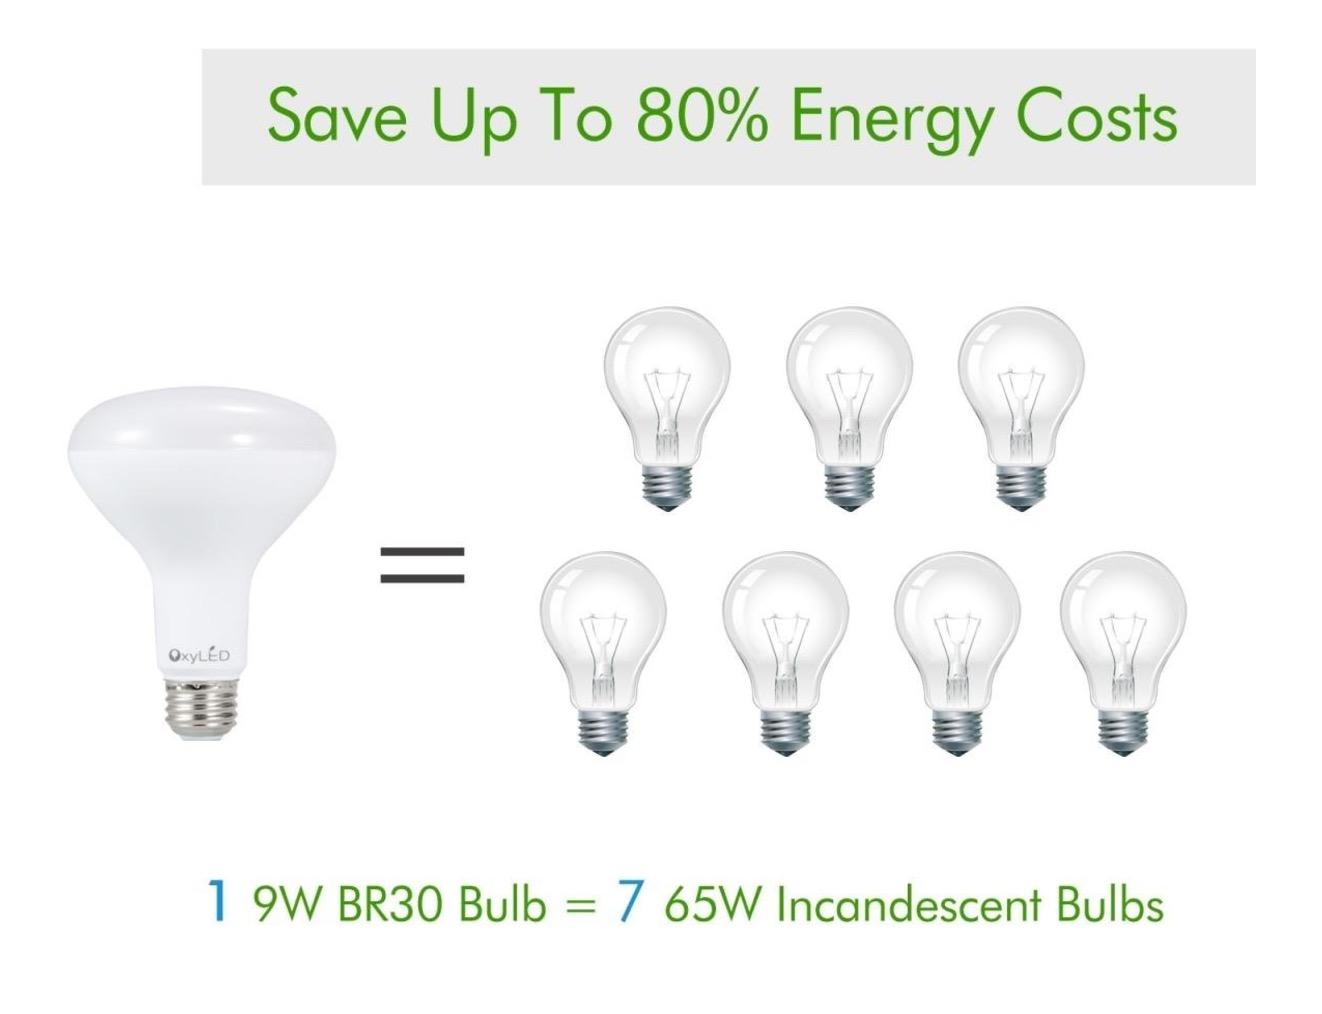 Quattro lampadine led 9w per la casa 65w equivalenti for Lampadine led 3 watt